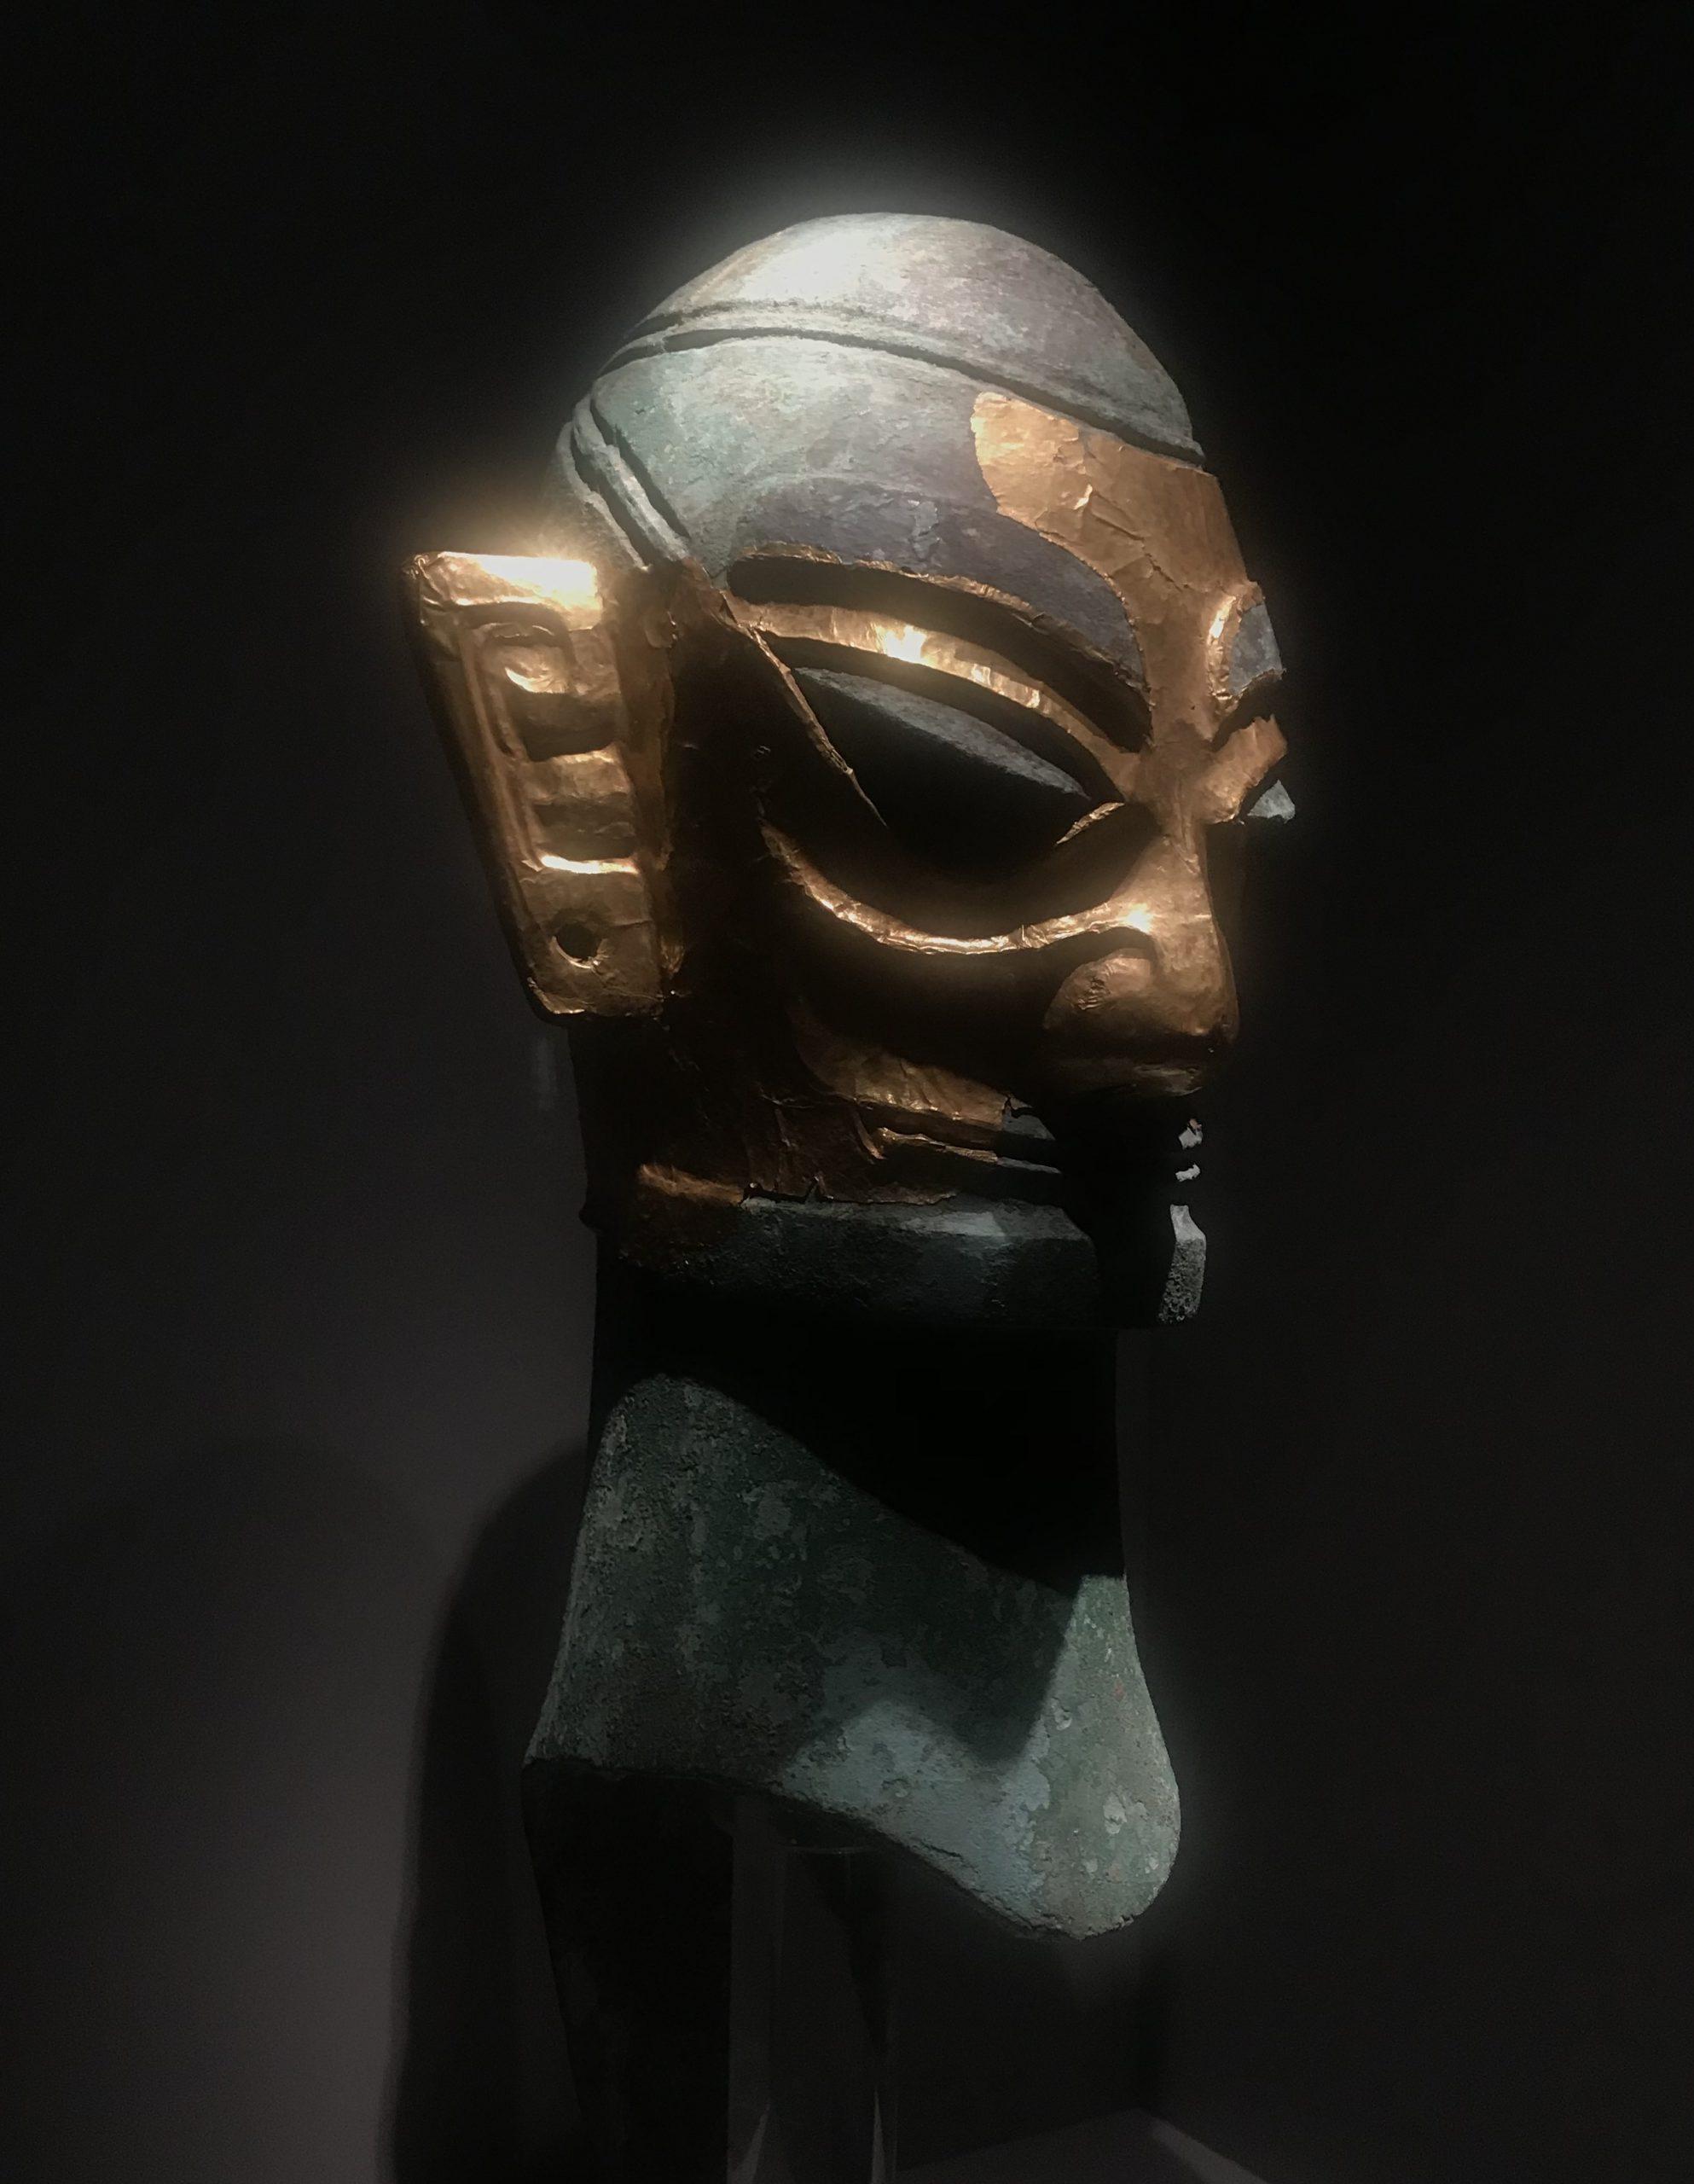 金マスク青銅人頭像2-青銅器館-三星堆博物館-広漢市-徳陽市-四川省